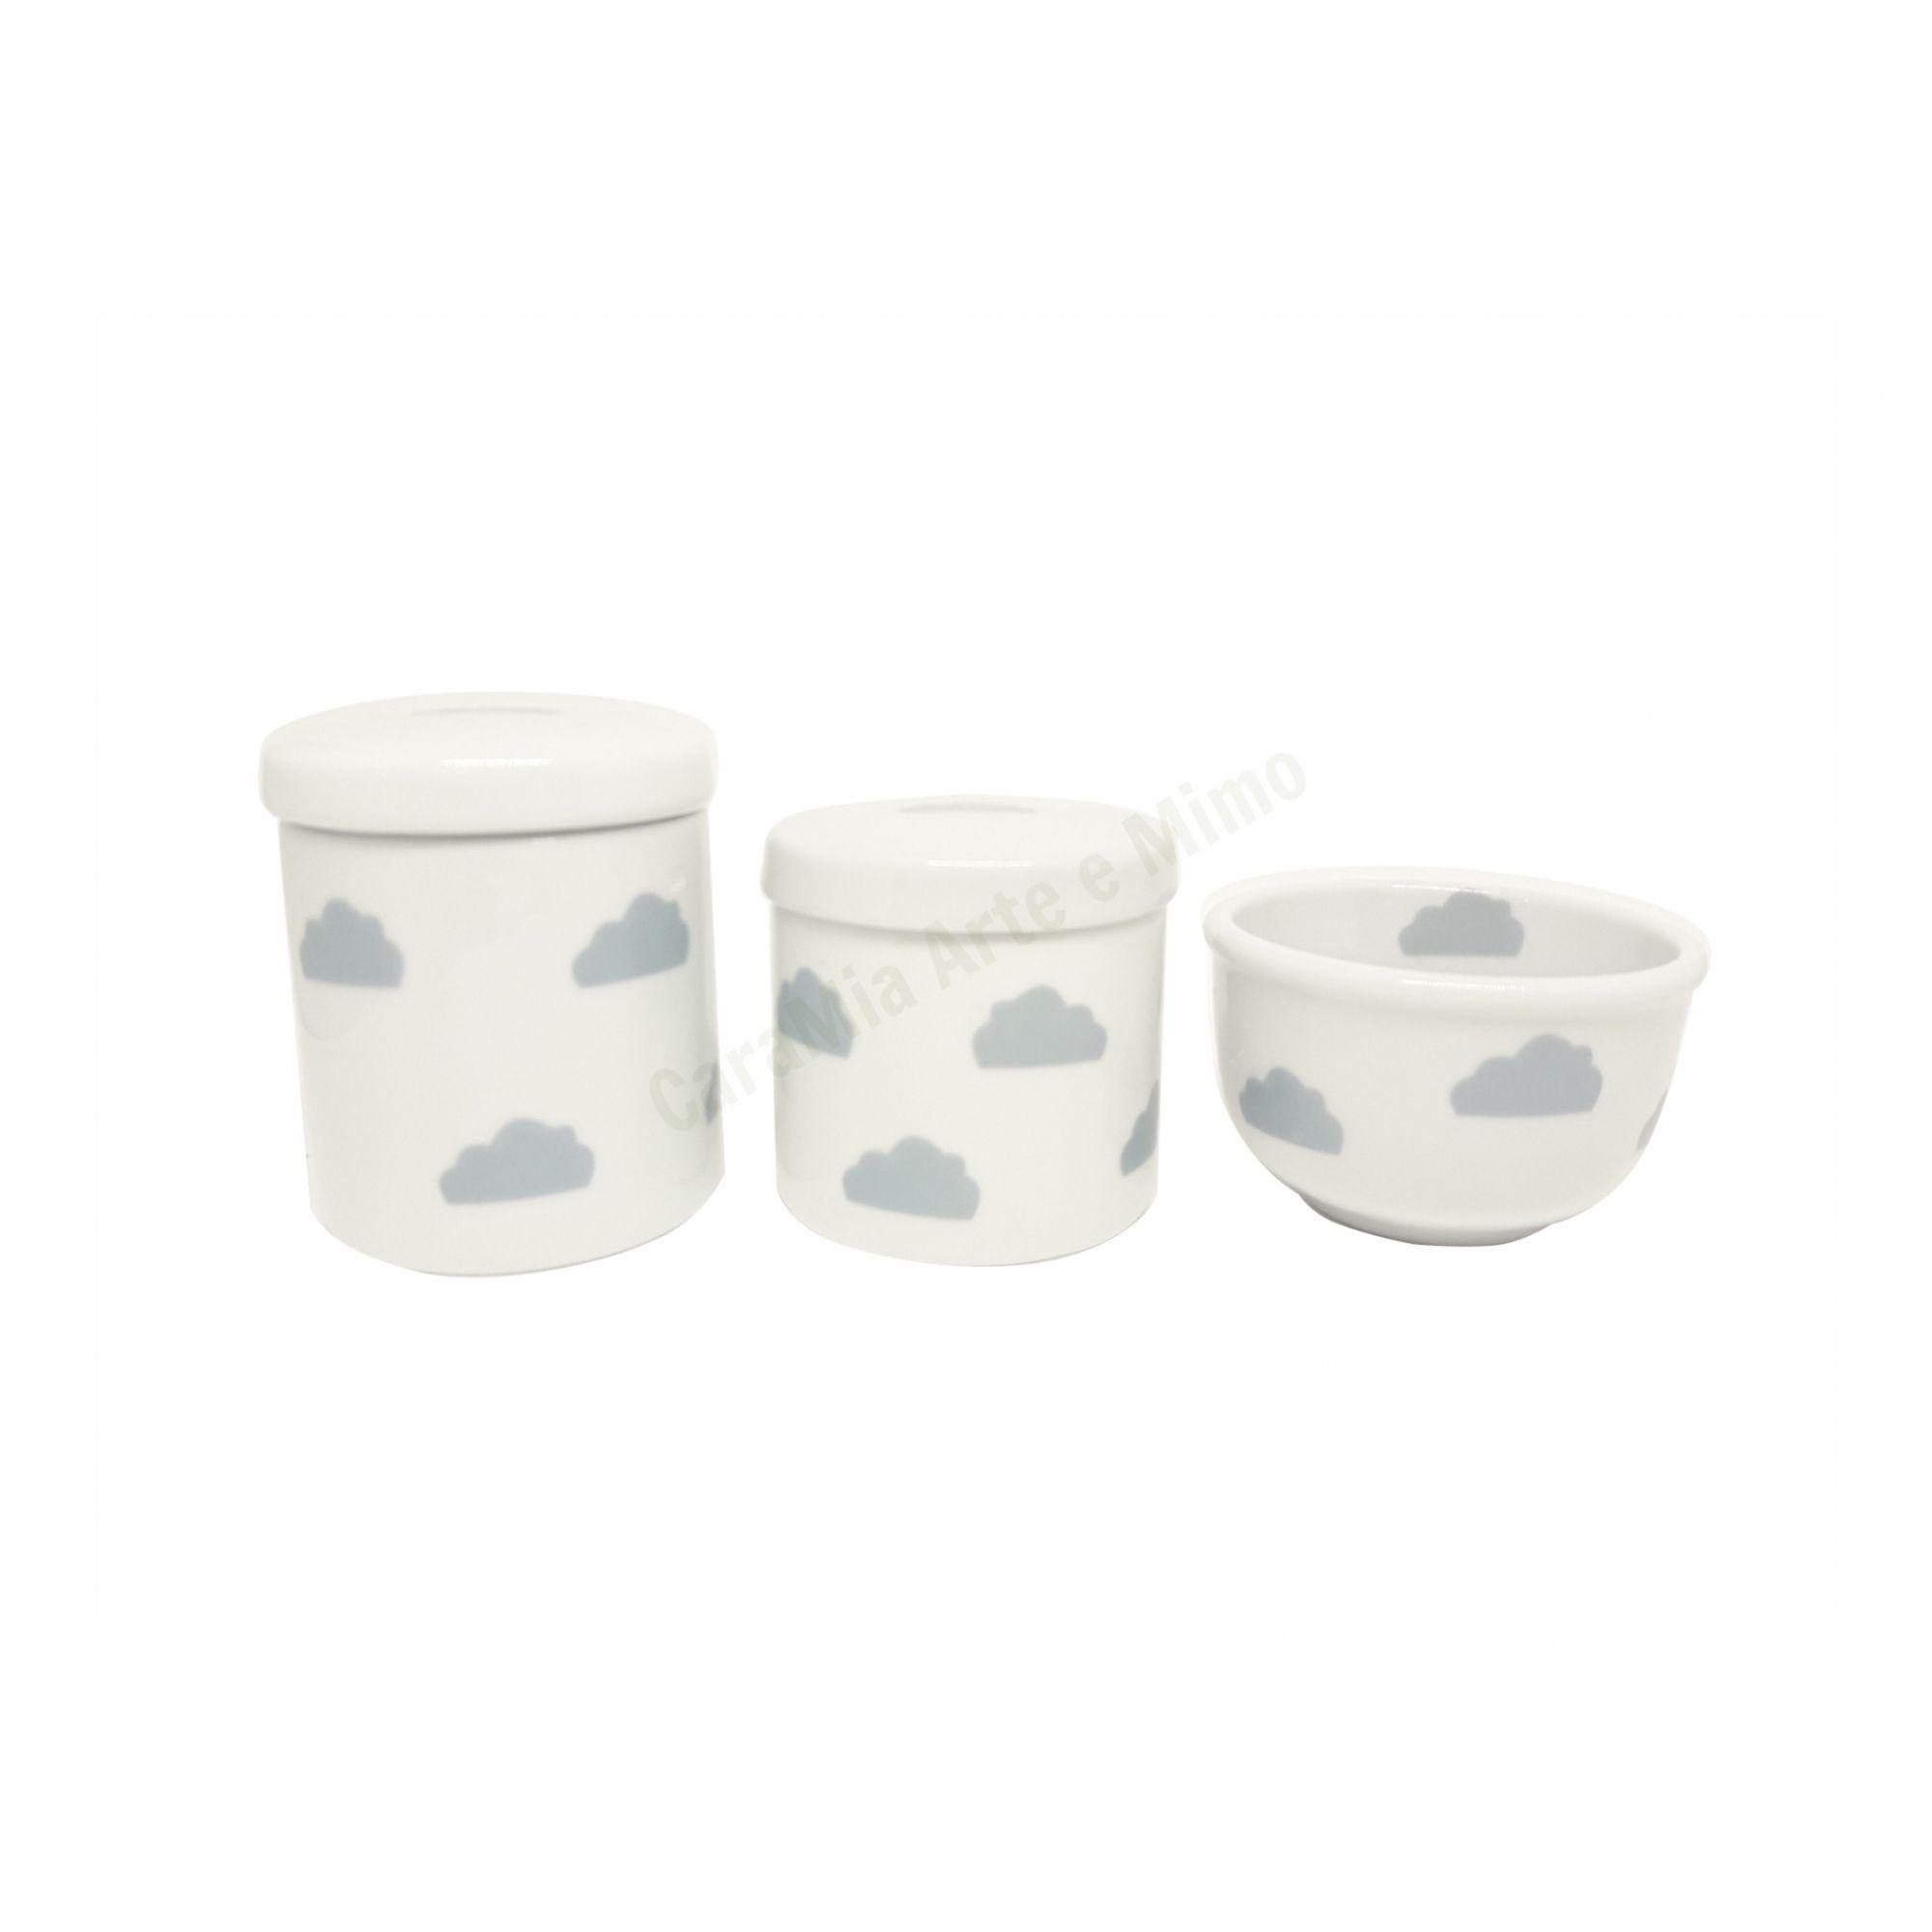 Kit Higiene Bebê Porcelana | Nuvem Cinza| Tampas Brancas com Nuvens